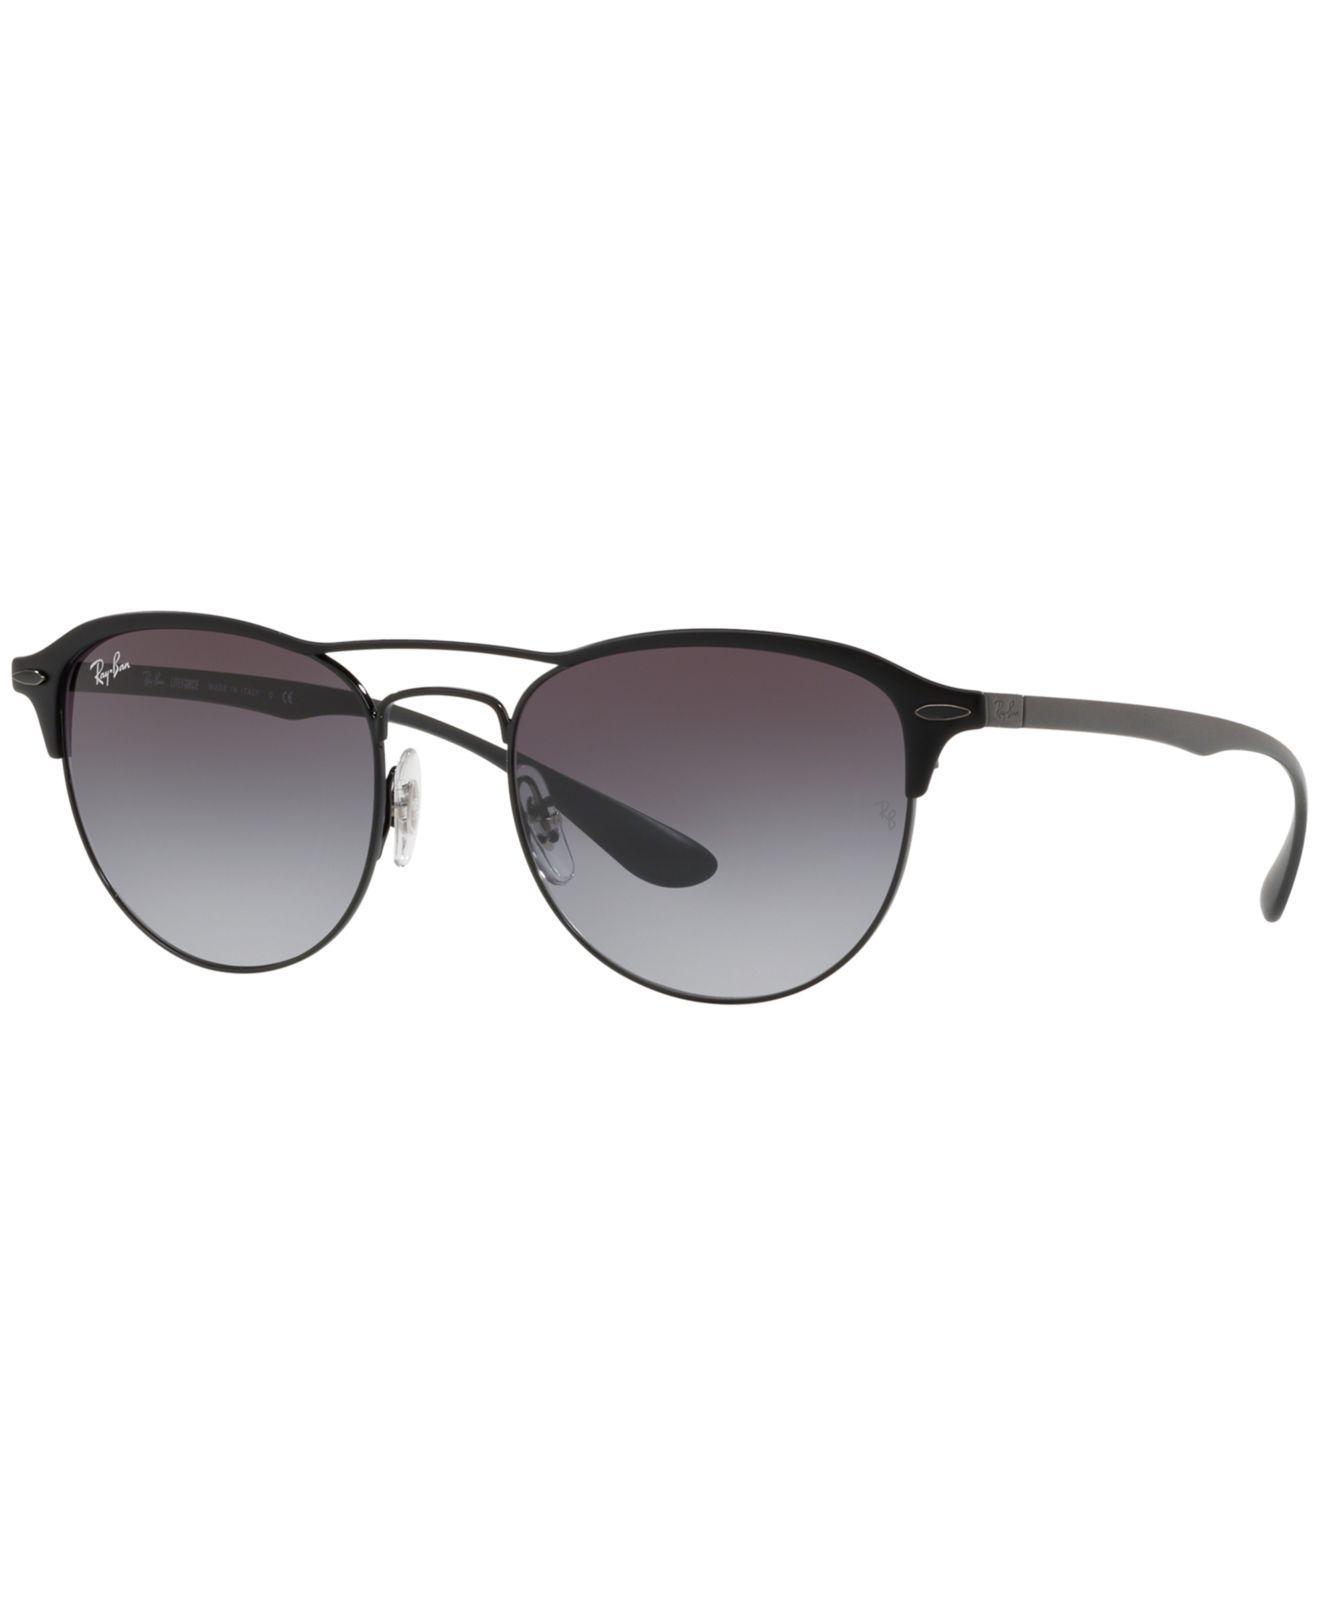 a932eaf63f Lyst - Ray-Ban Sunglasses